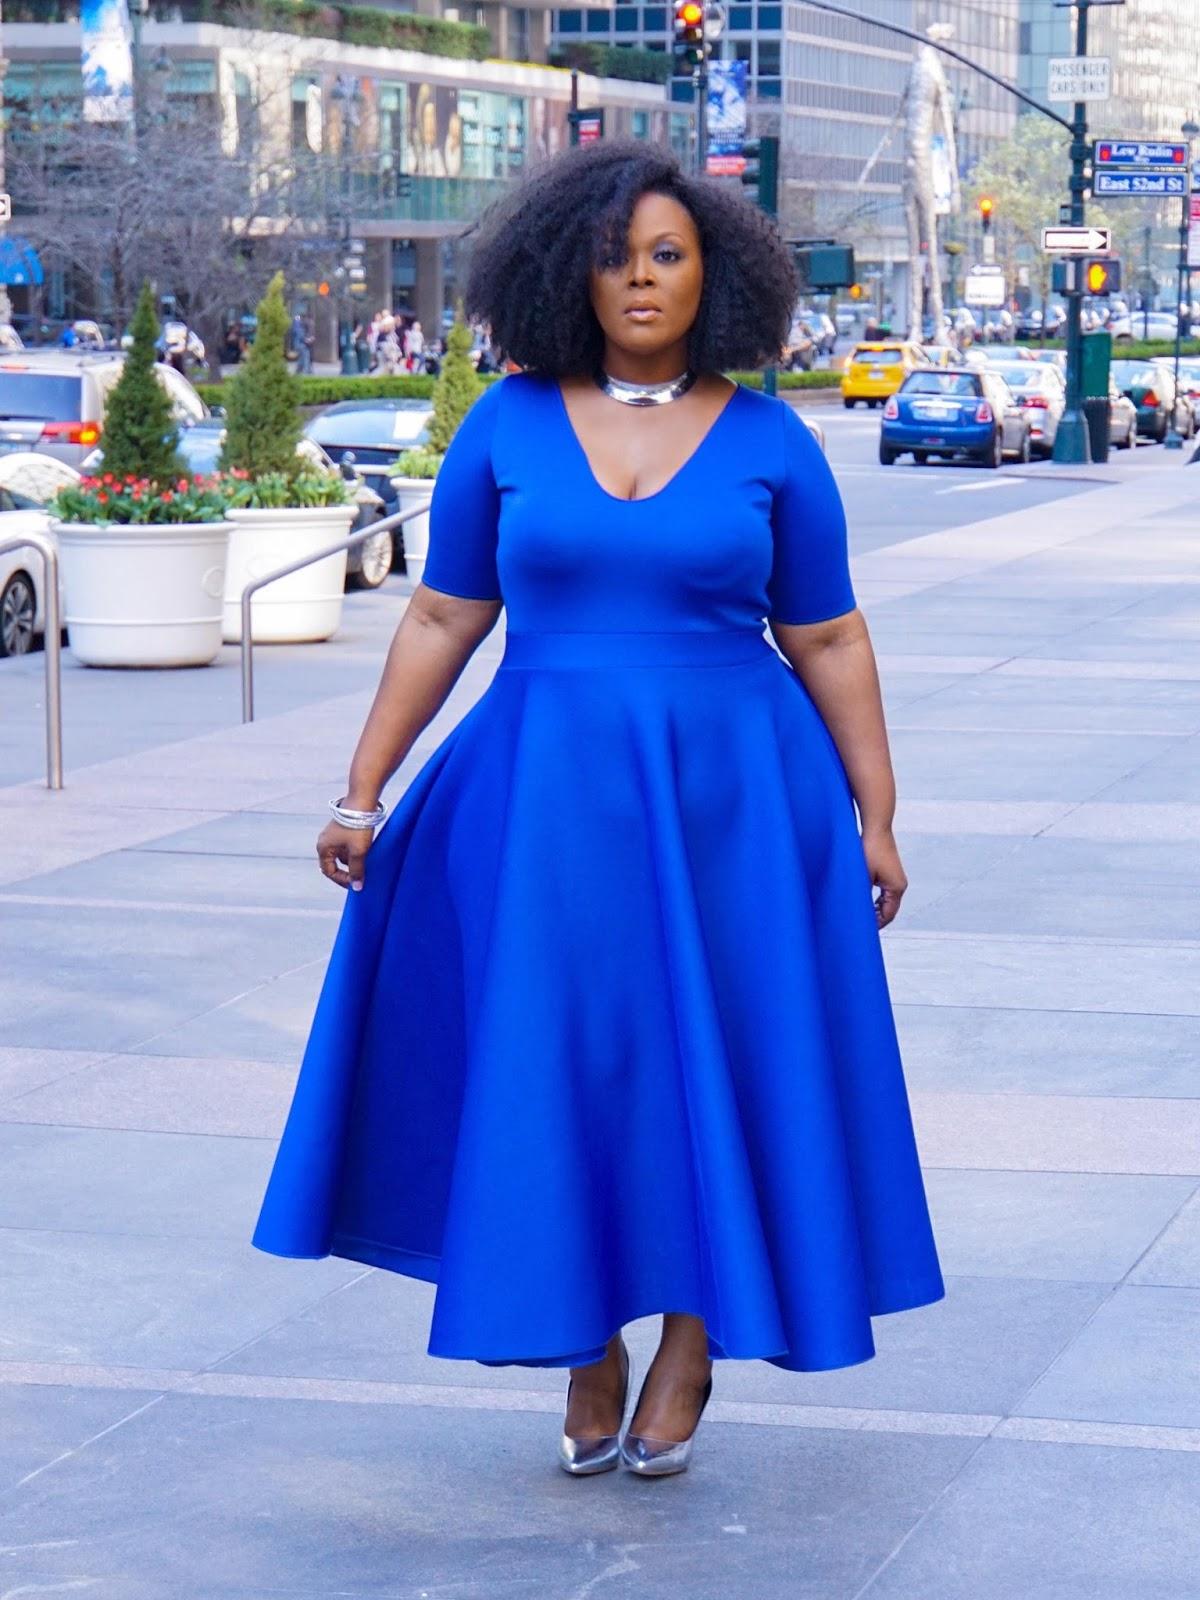 courtney noelle dress, courtney noelle blue dress, khloe dress courtney noelle, plus size cobalt dress